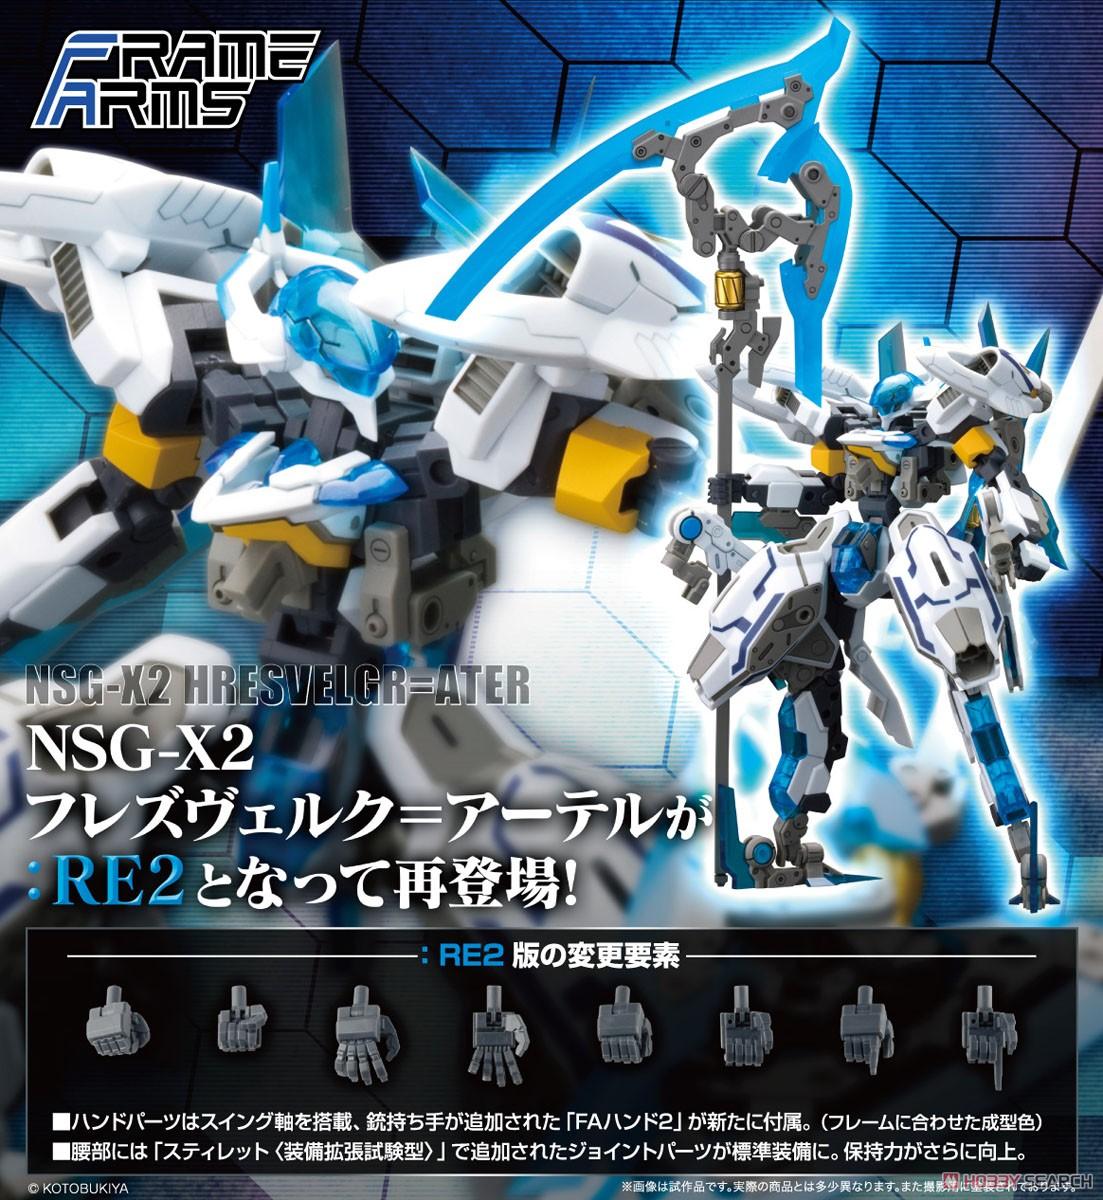 フレームアームズ『NSG-X2 フレズヴェルク=アーテル:RE2』1/100 プラモデル-008